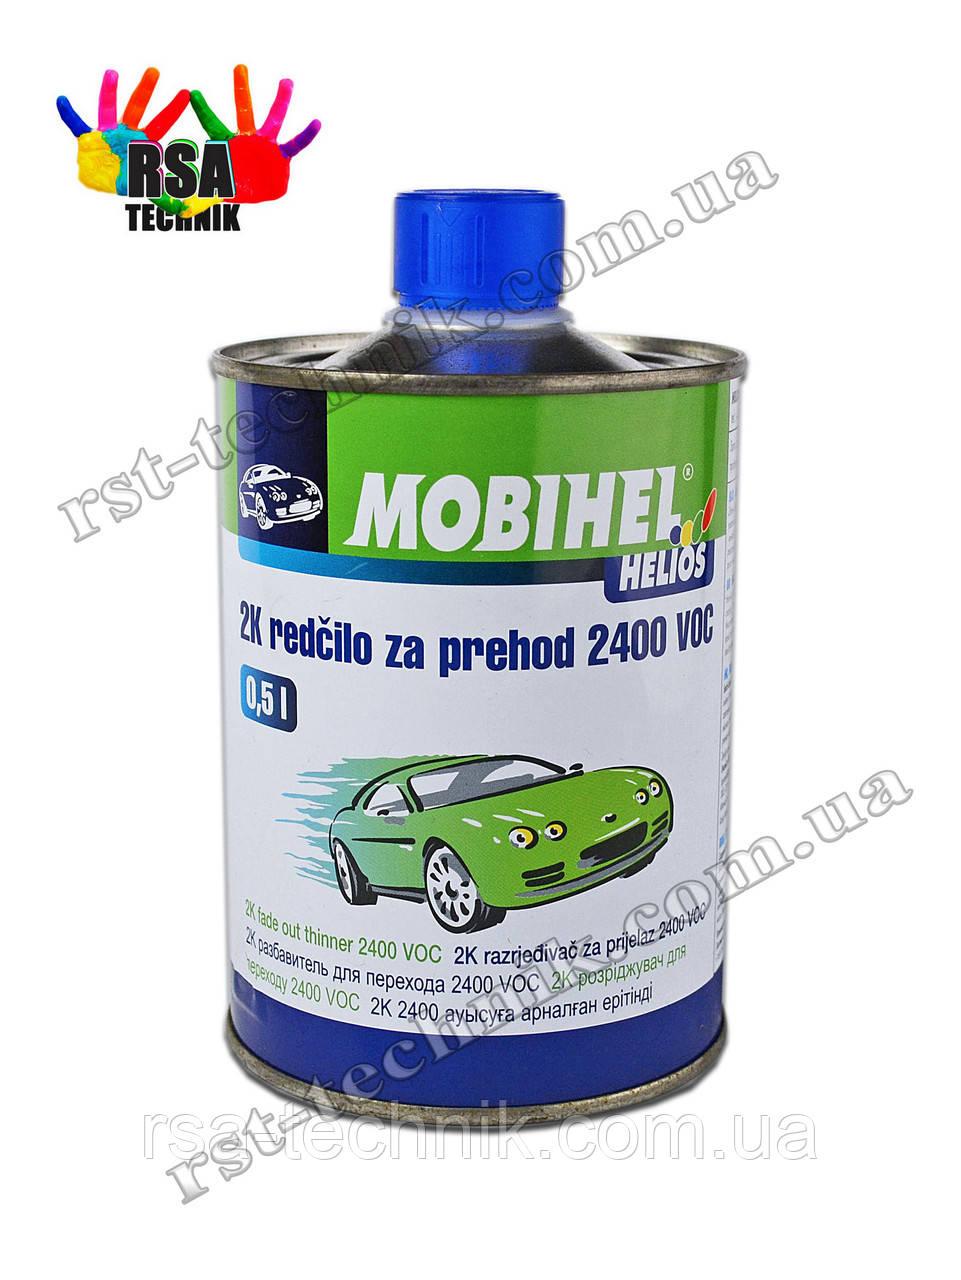 Розчинник для переходів Mobihel 2400